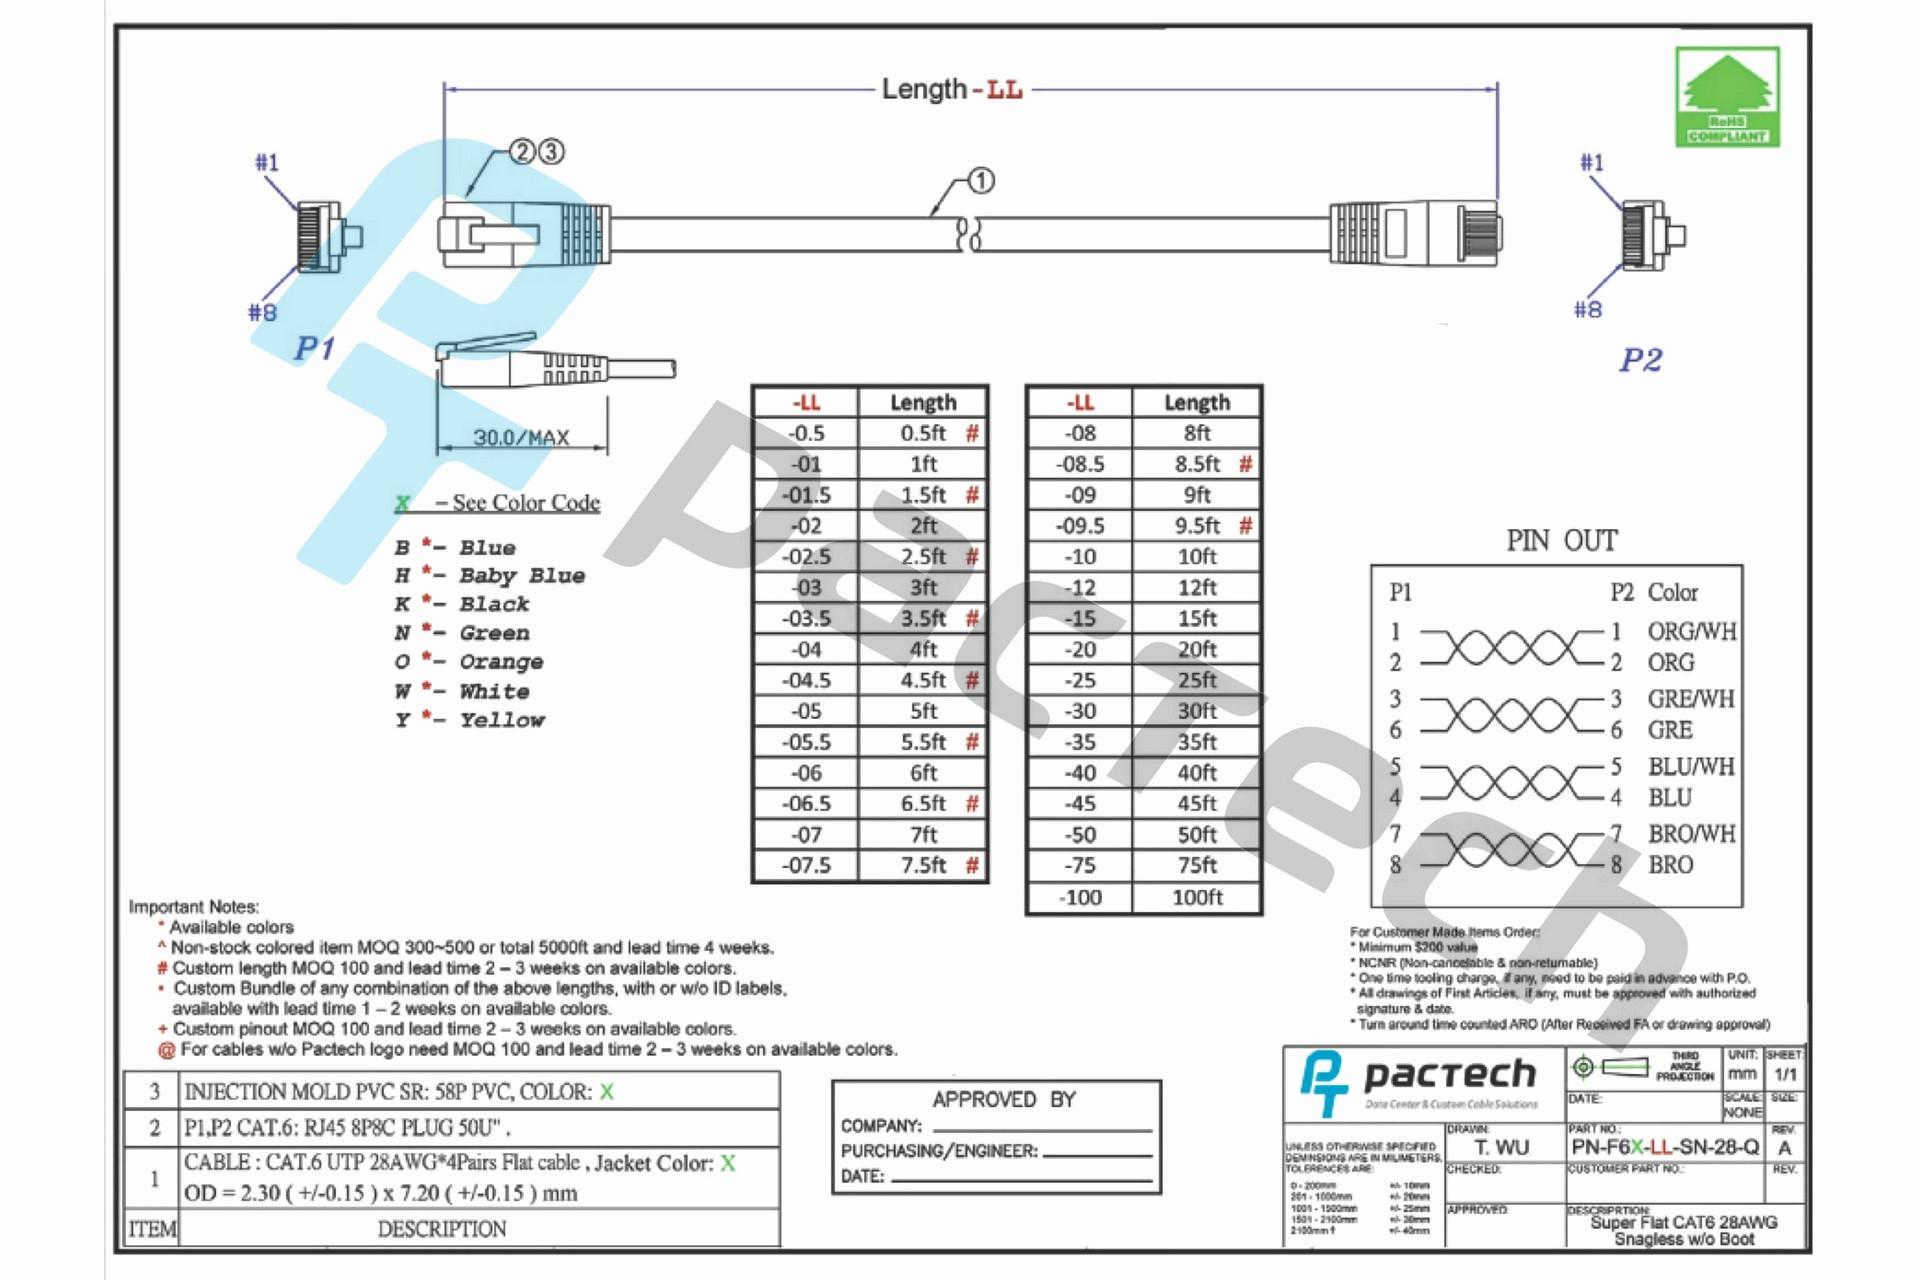 kk_8142] moreover cat6 wiring diagram color codes on cat6 rj45 ... cat 6 wiring diagram visio cable modem visio stencil icand seve hete kicep mohammedshrine librar wiring 101